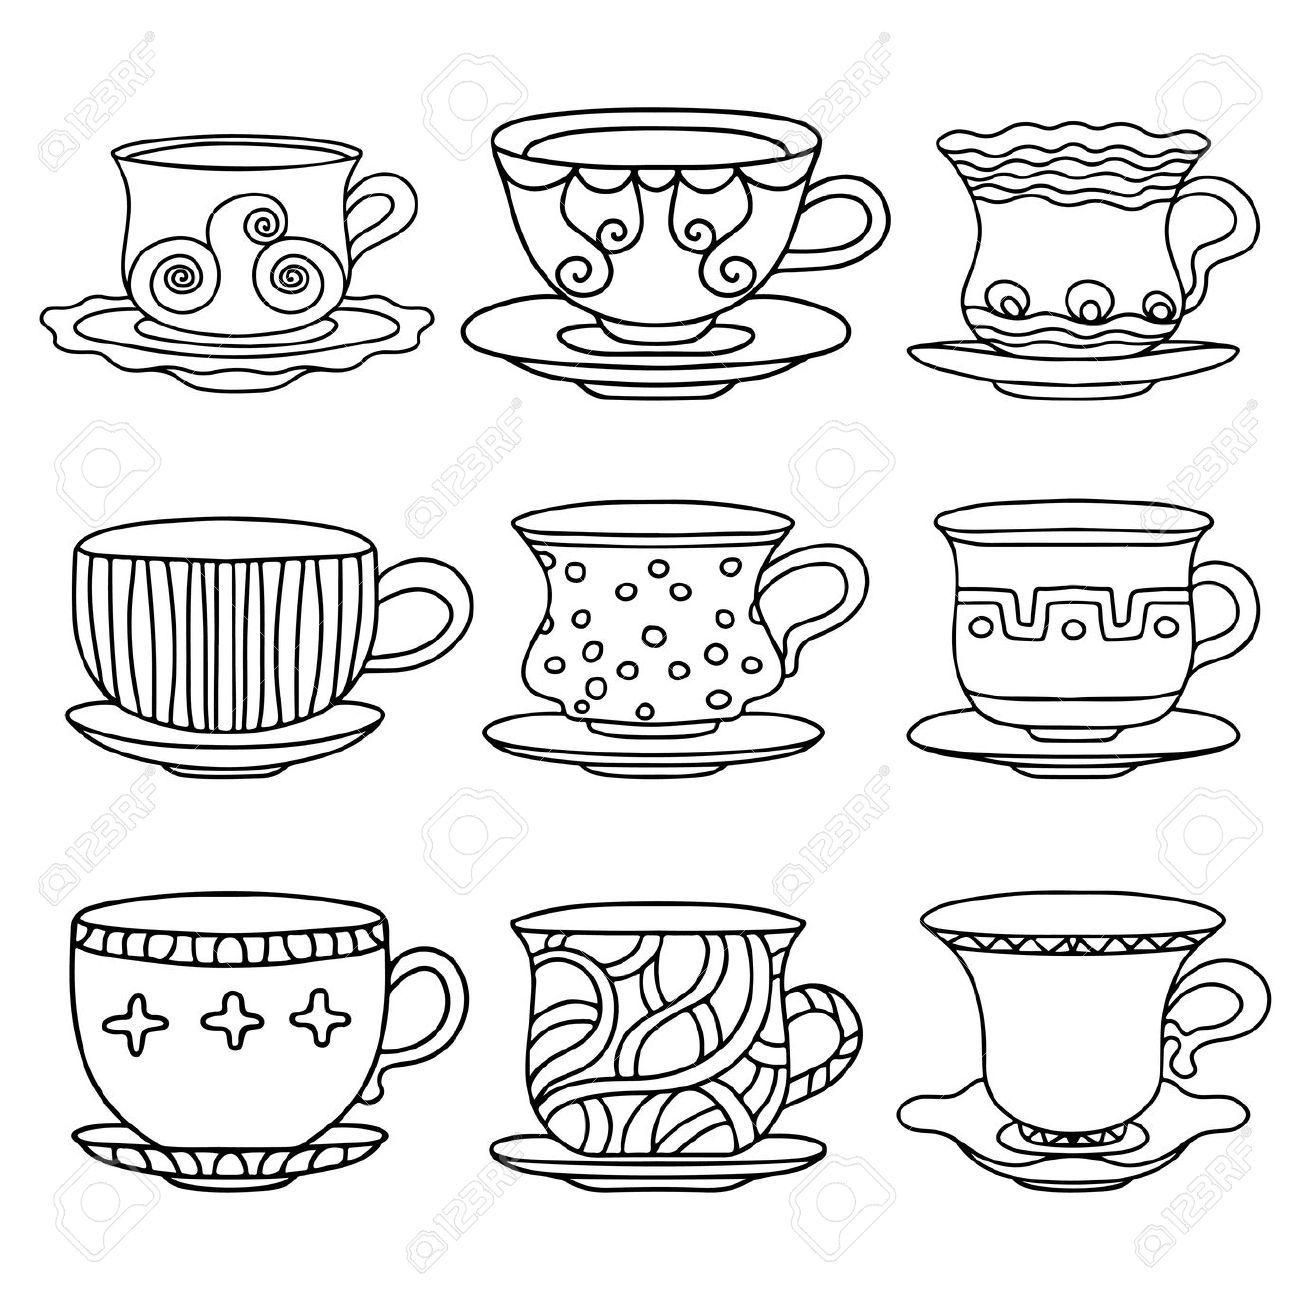 como dibujar tazas de cafe - Google Search | Bordados | Pinterest ...